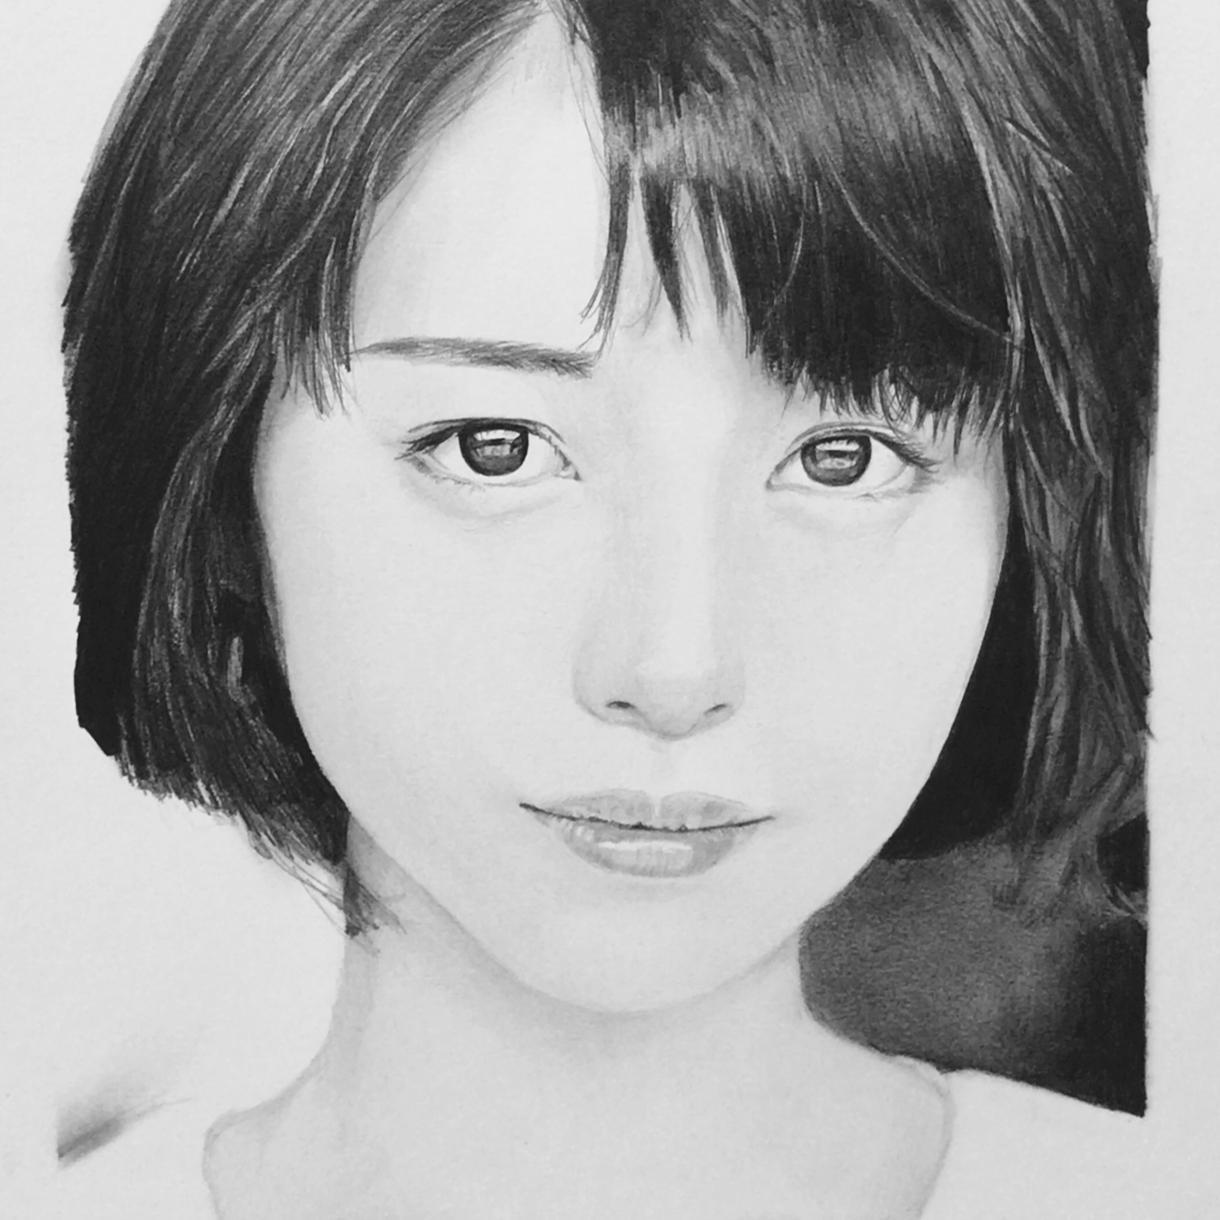 リアルな鉛筆画描きます 思い出の写真やペットなどの鉛筆画を制作致します。 イメージ1